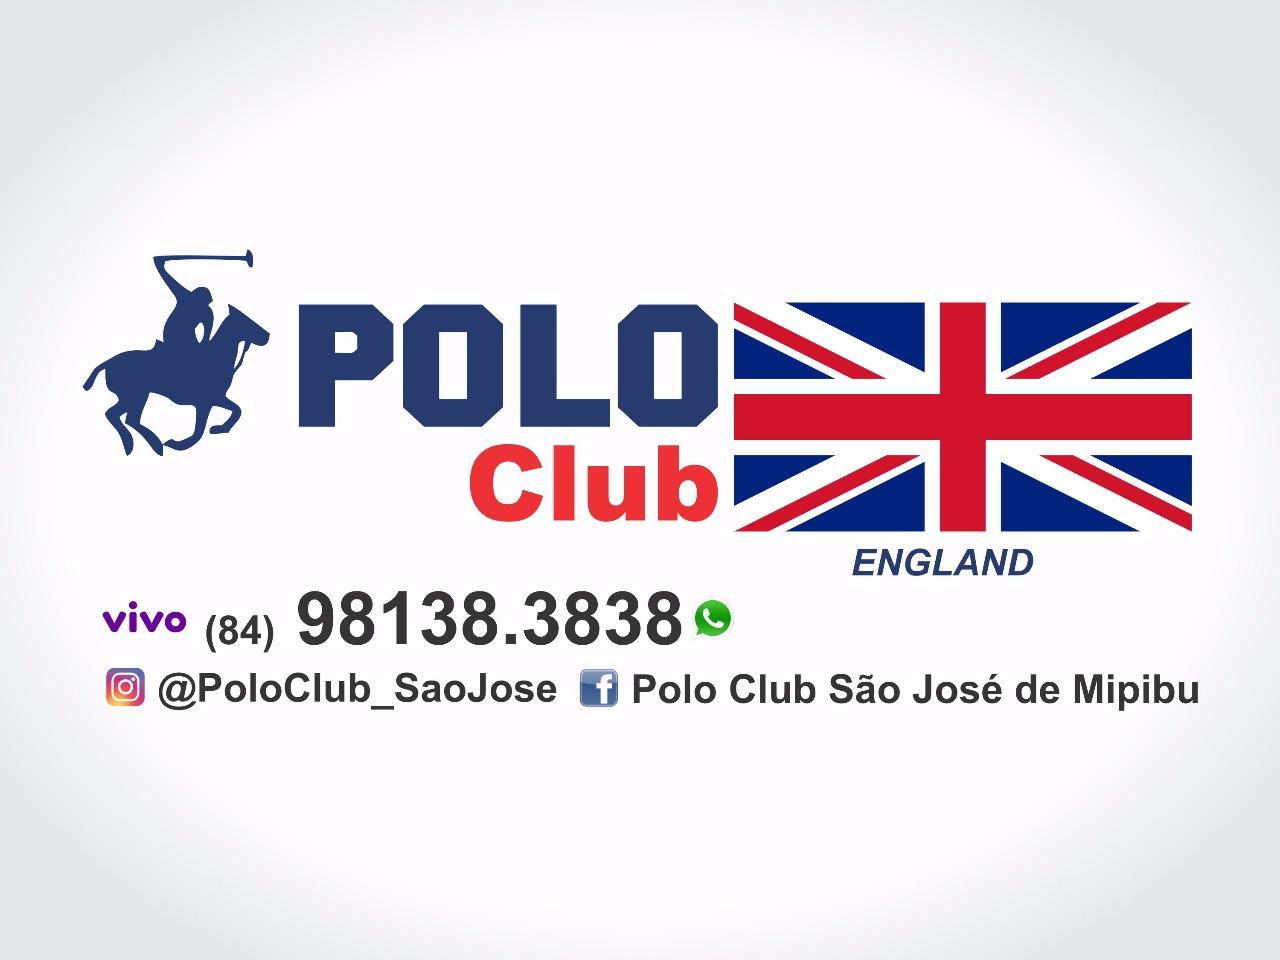 POLO CLUB - SÃO JOSÉ DE MIPIBU